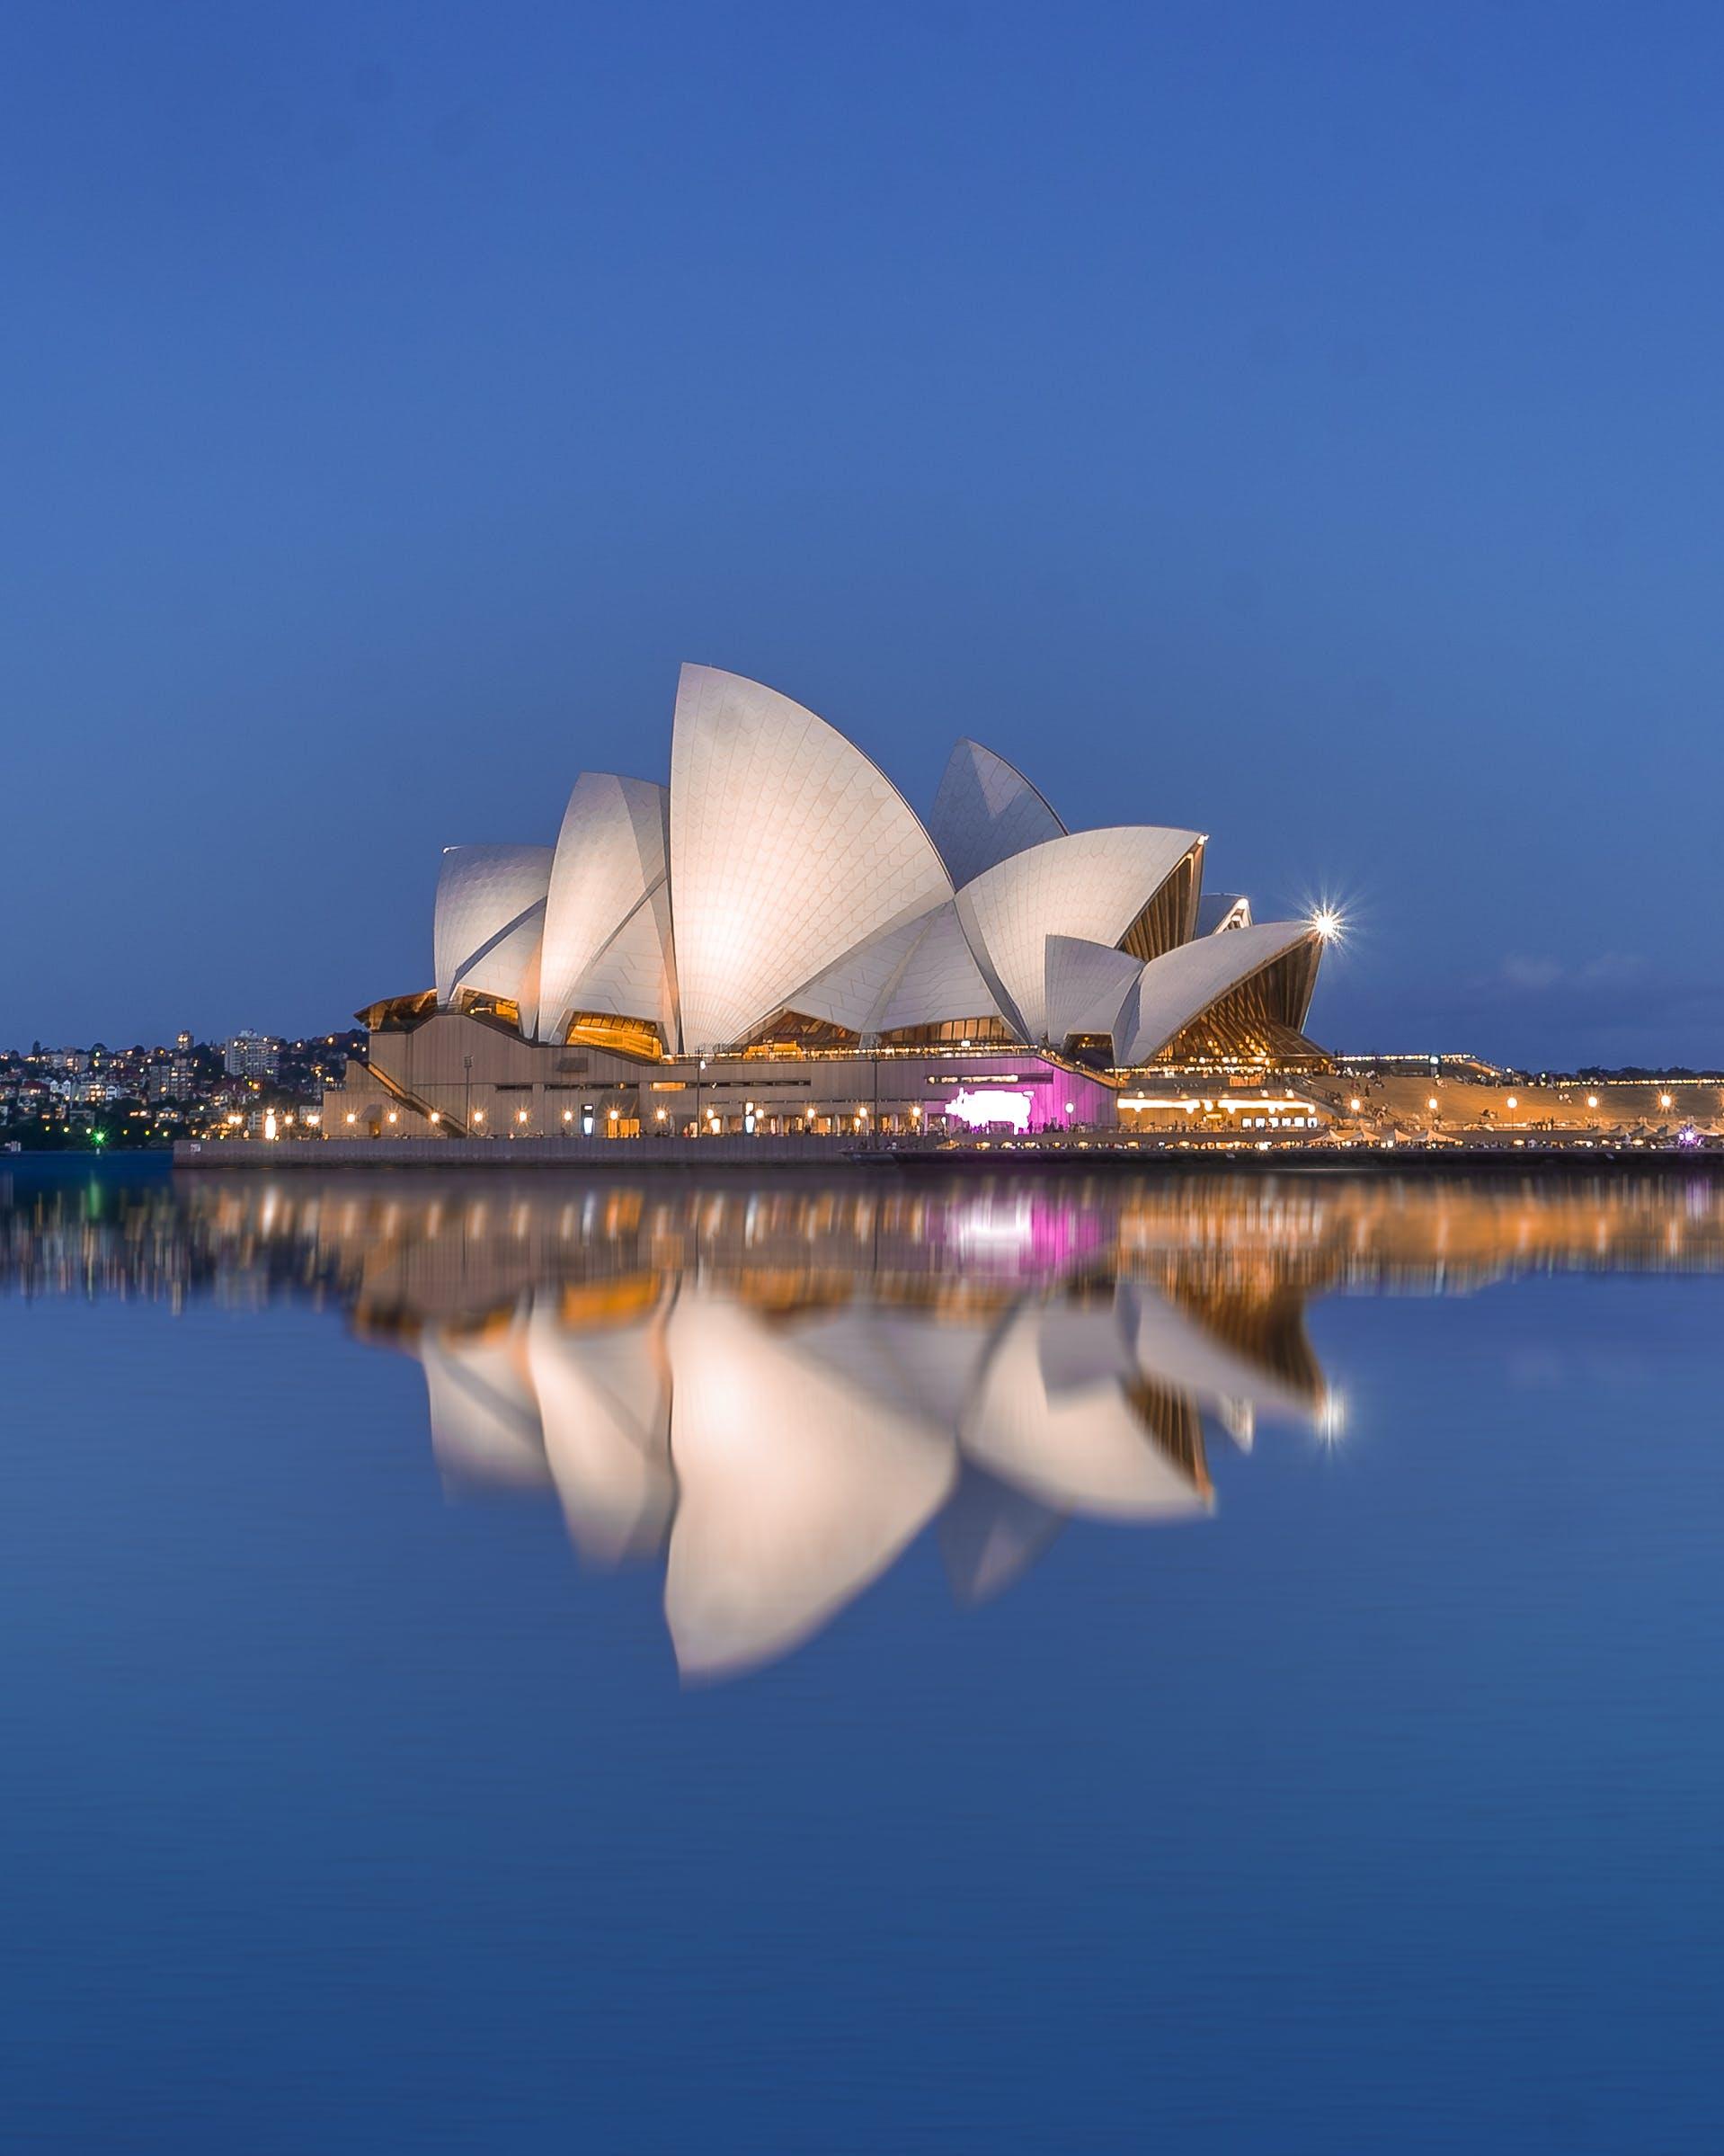 Δωρεάν στοκ φωτογραφιών με αντανάκλαση, Αυστραλία, κέντρο πόλης, λυρική σκηνή